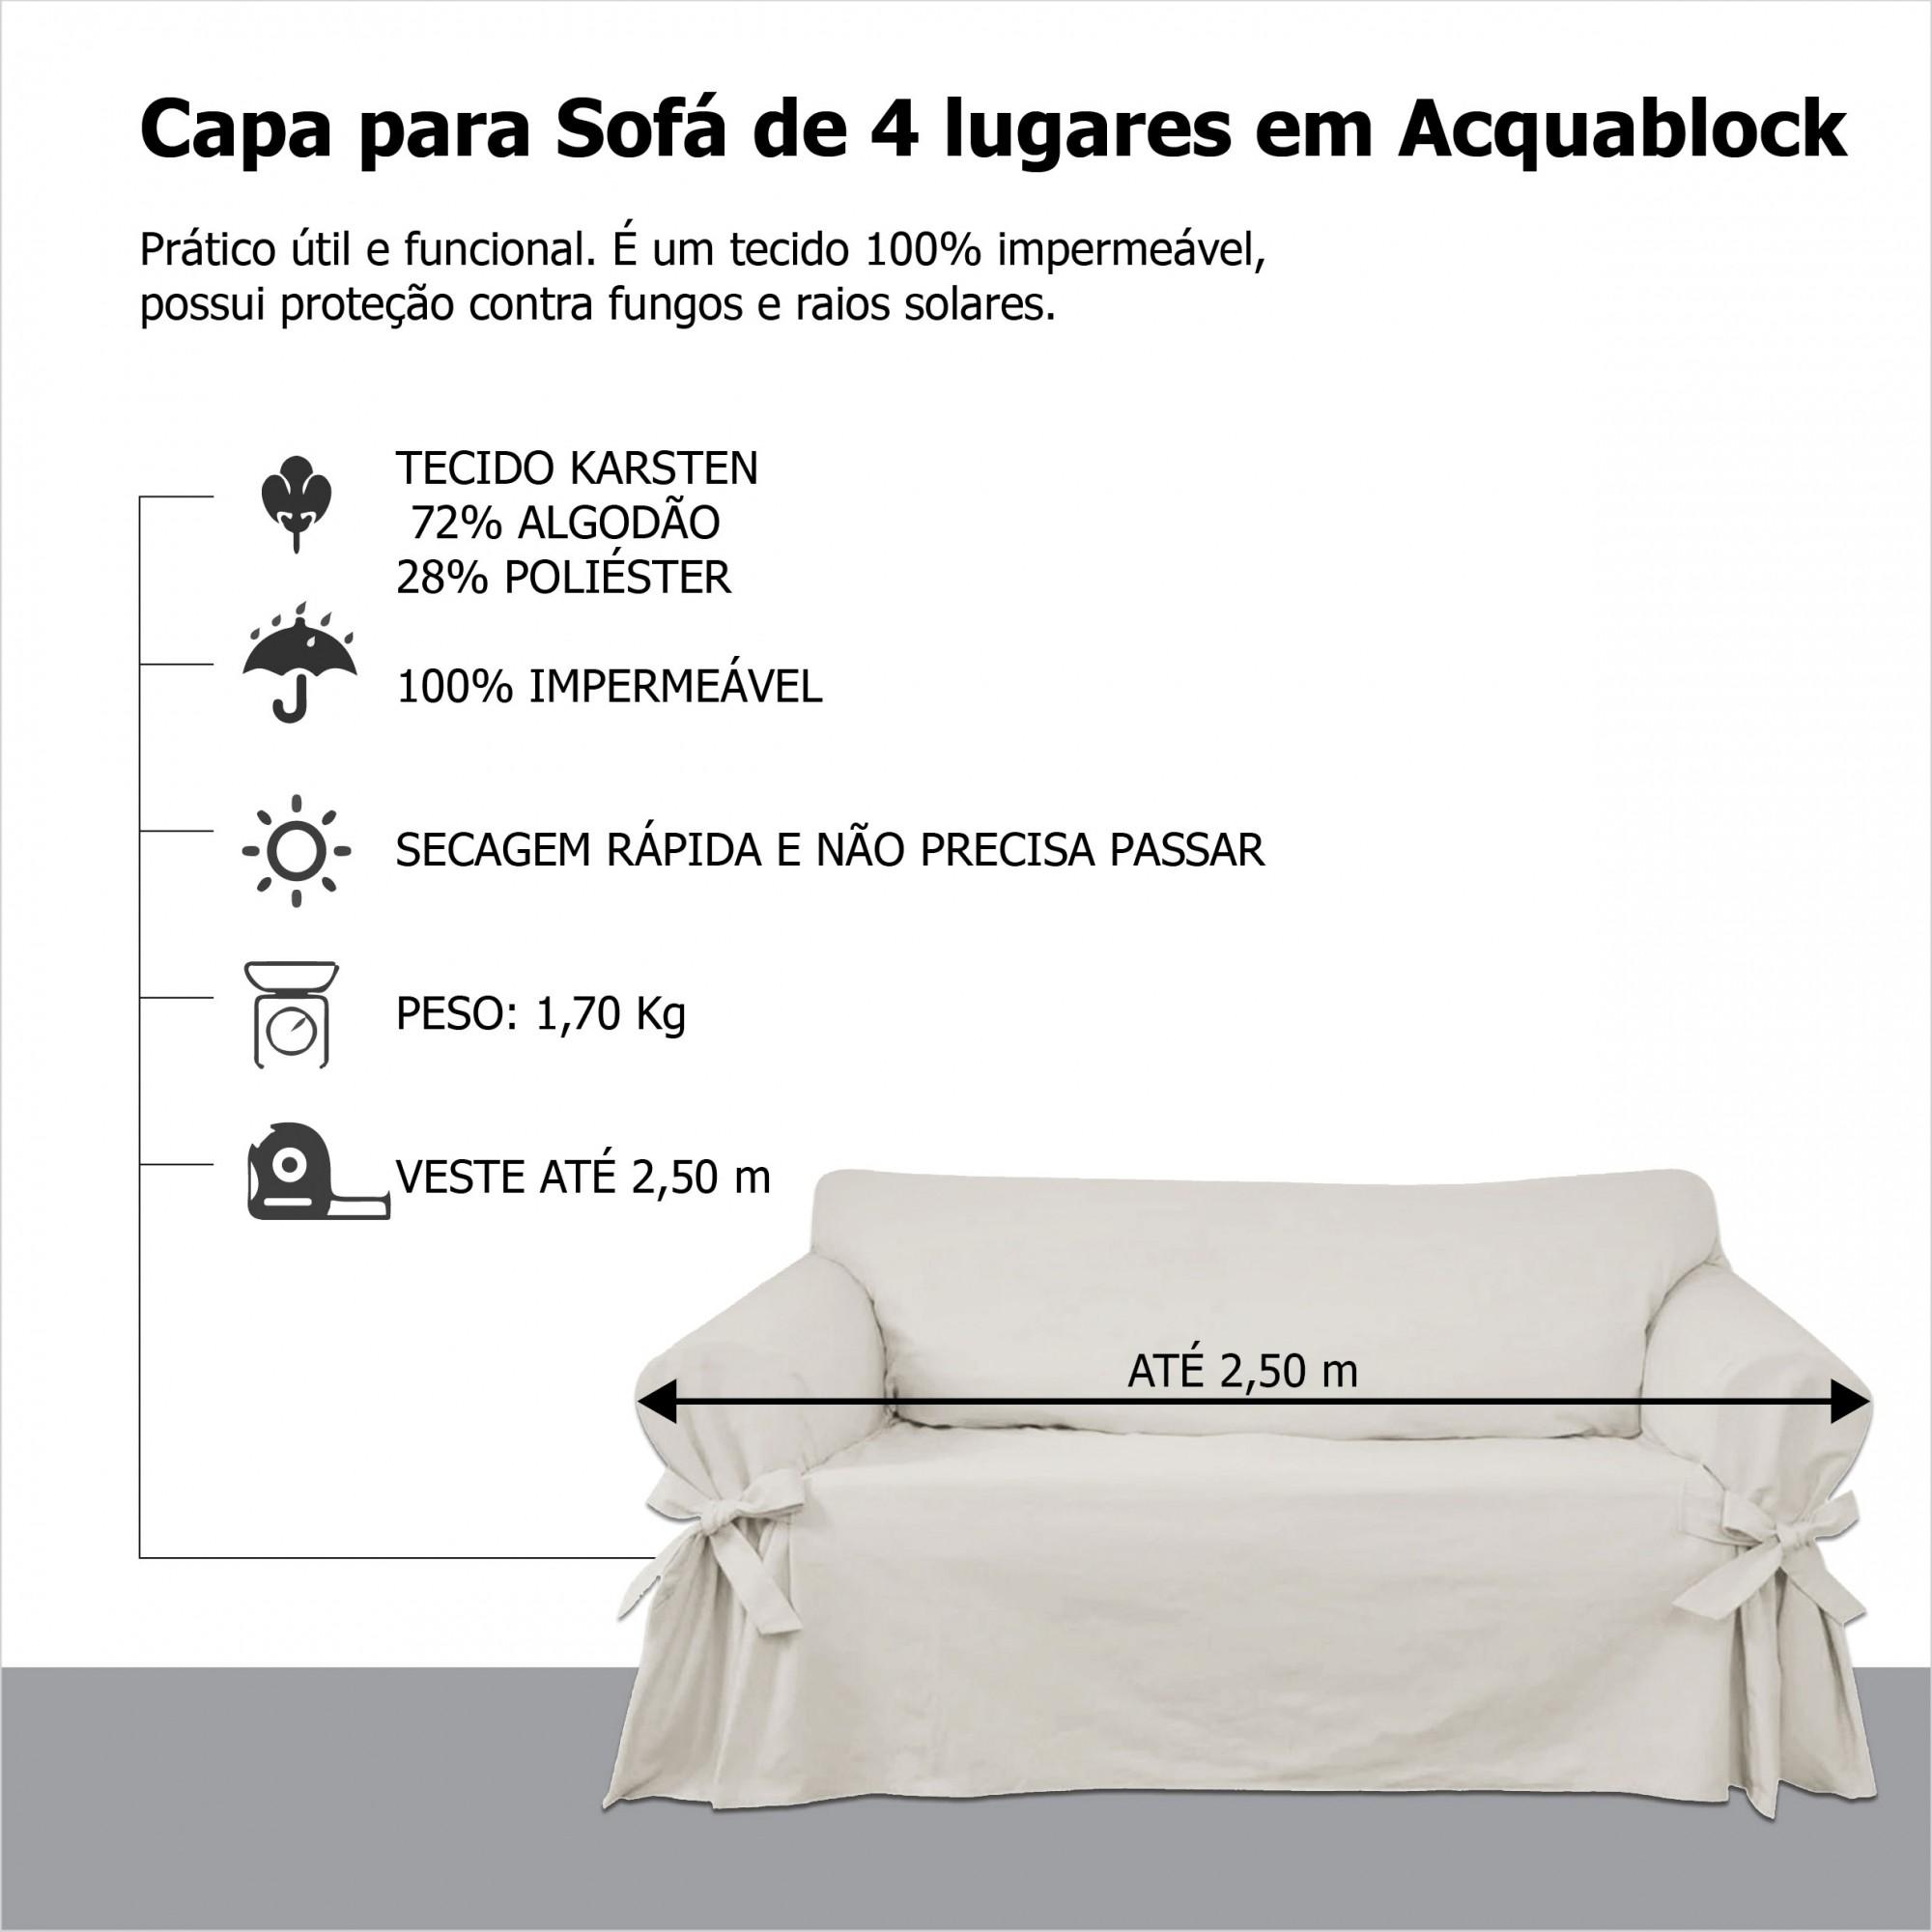 Capa p/ Sofá de 4 Lug BEGE em Acquablock Impermeável